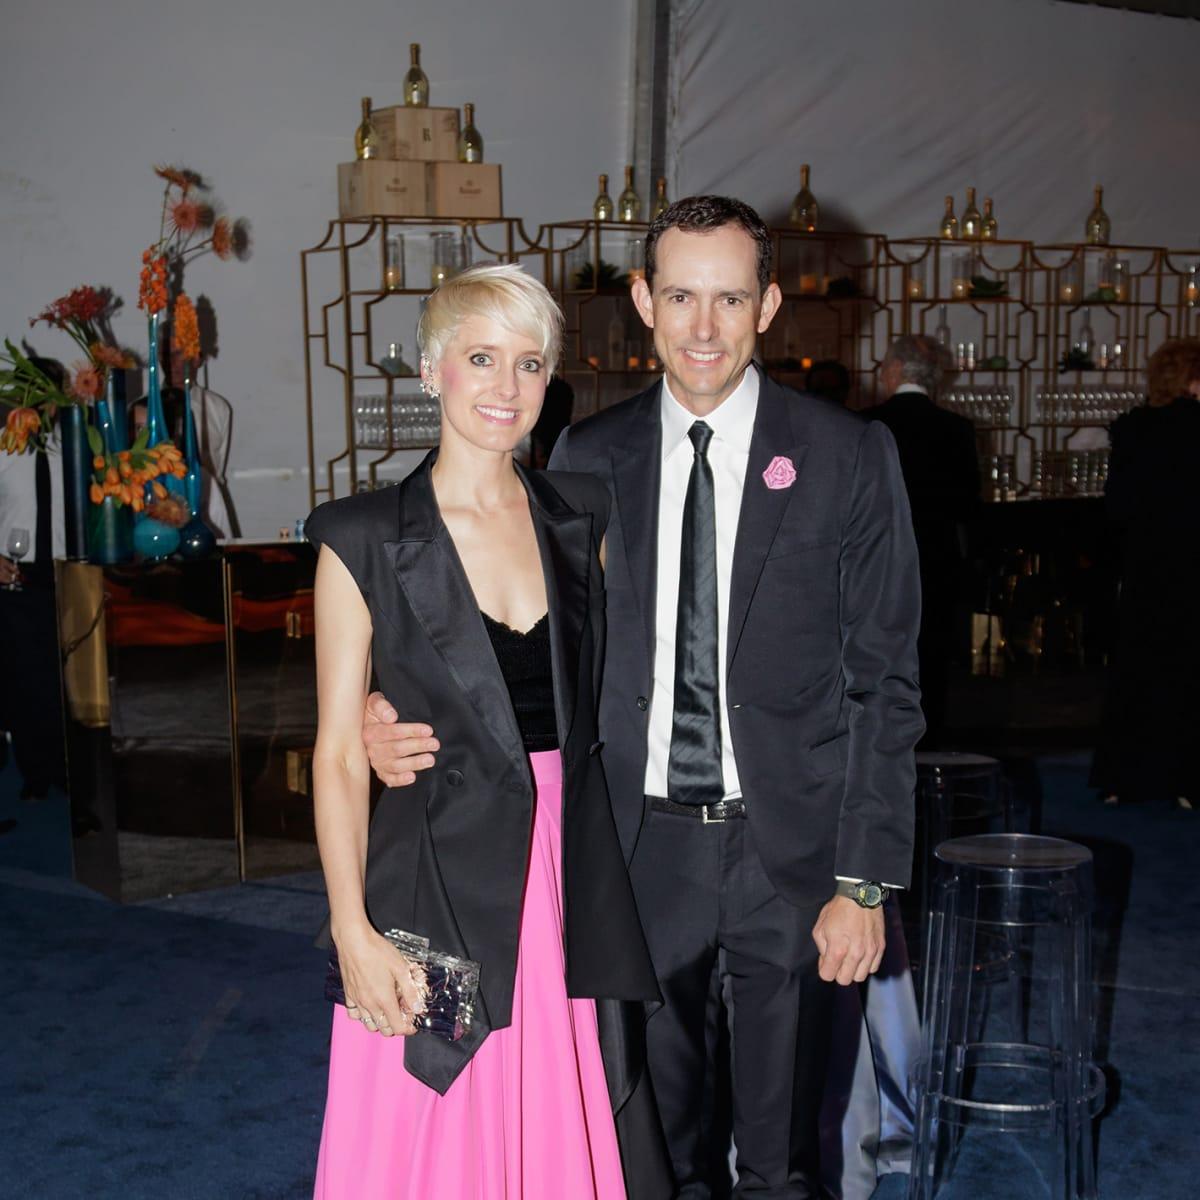 Catherine MacMahon, Douglas MacMahon